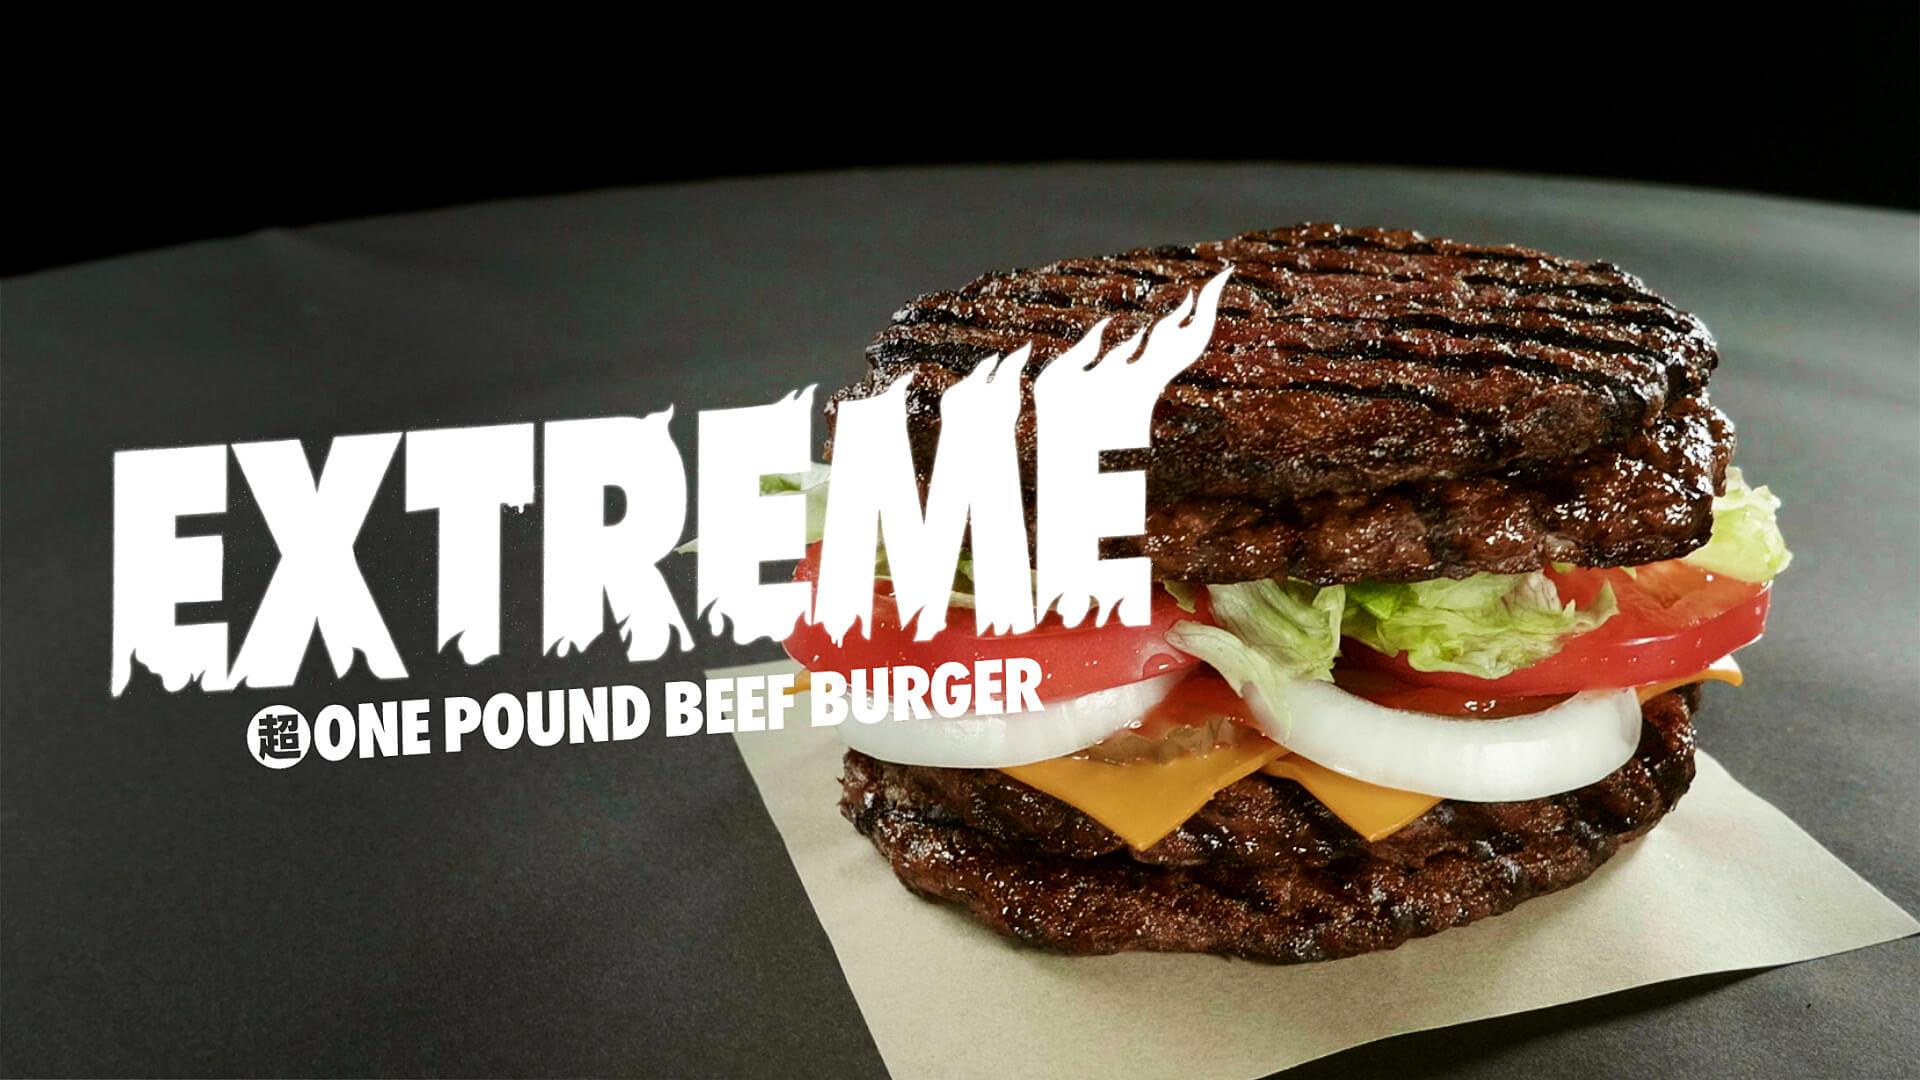 バーガーキングから初のバンズなしで肉づくしの『エクストリーム超ワンパウンドビーフバーガー』が新登場! gourmet201119_burgerking_3